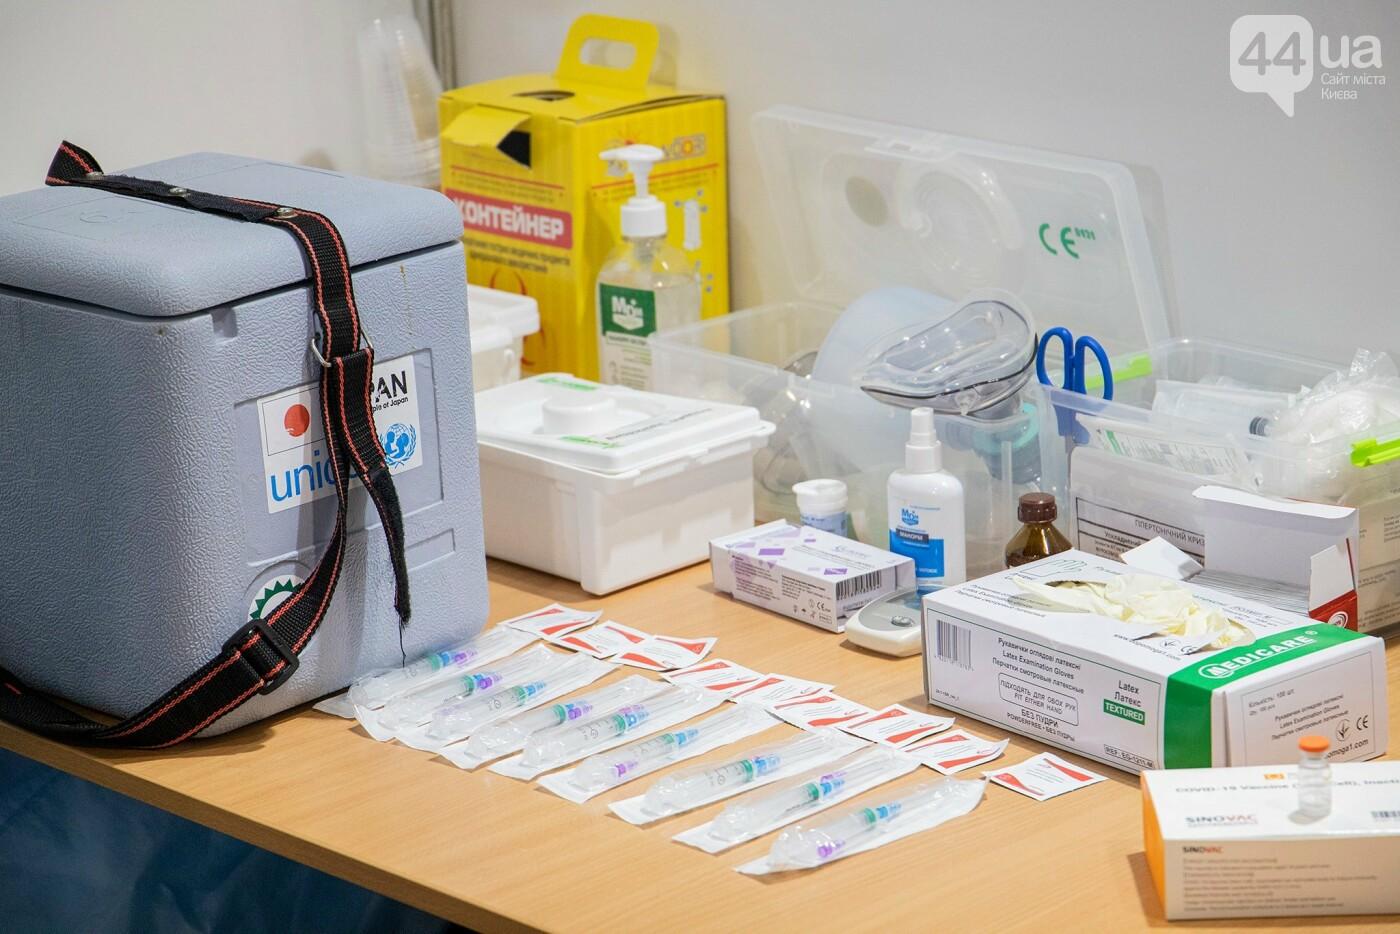 В киевском МВЦ открыли первый в Украине Центр вакцинации от COVID-19, КГГА